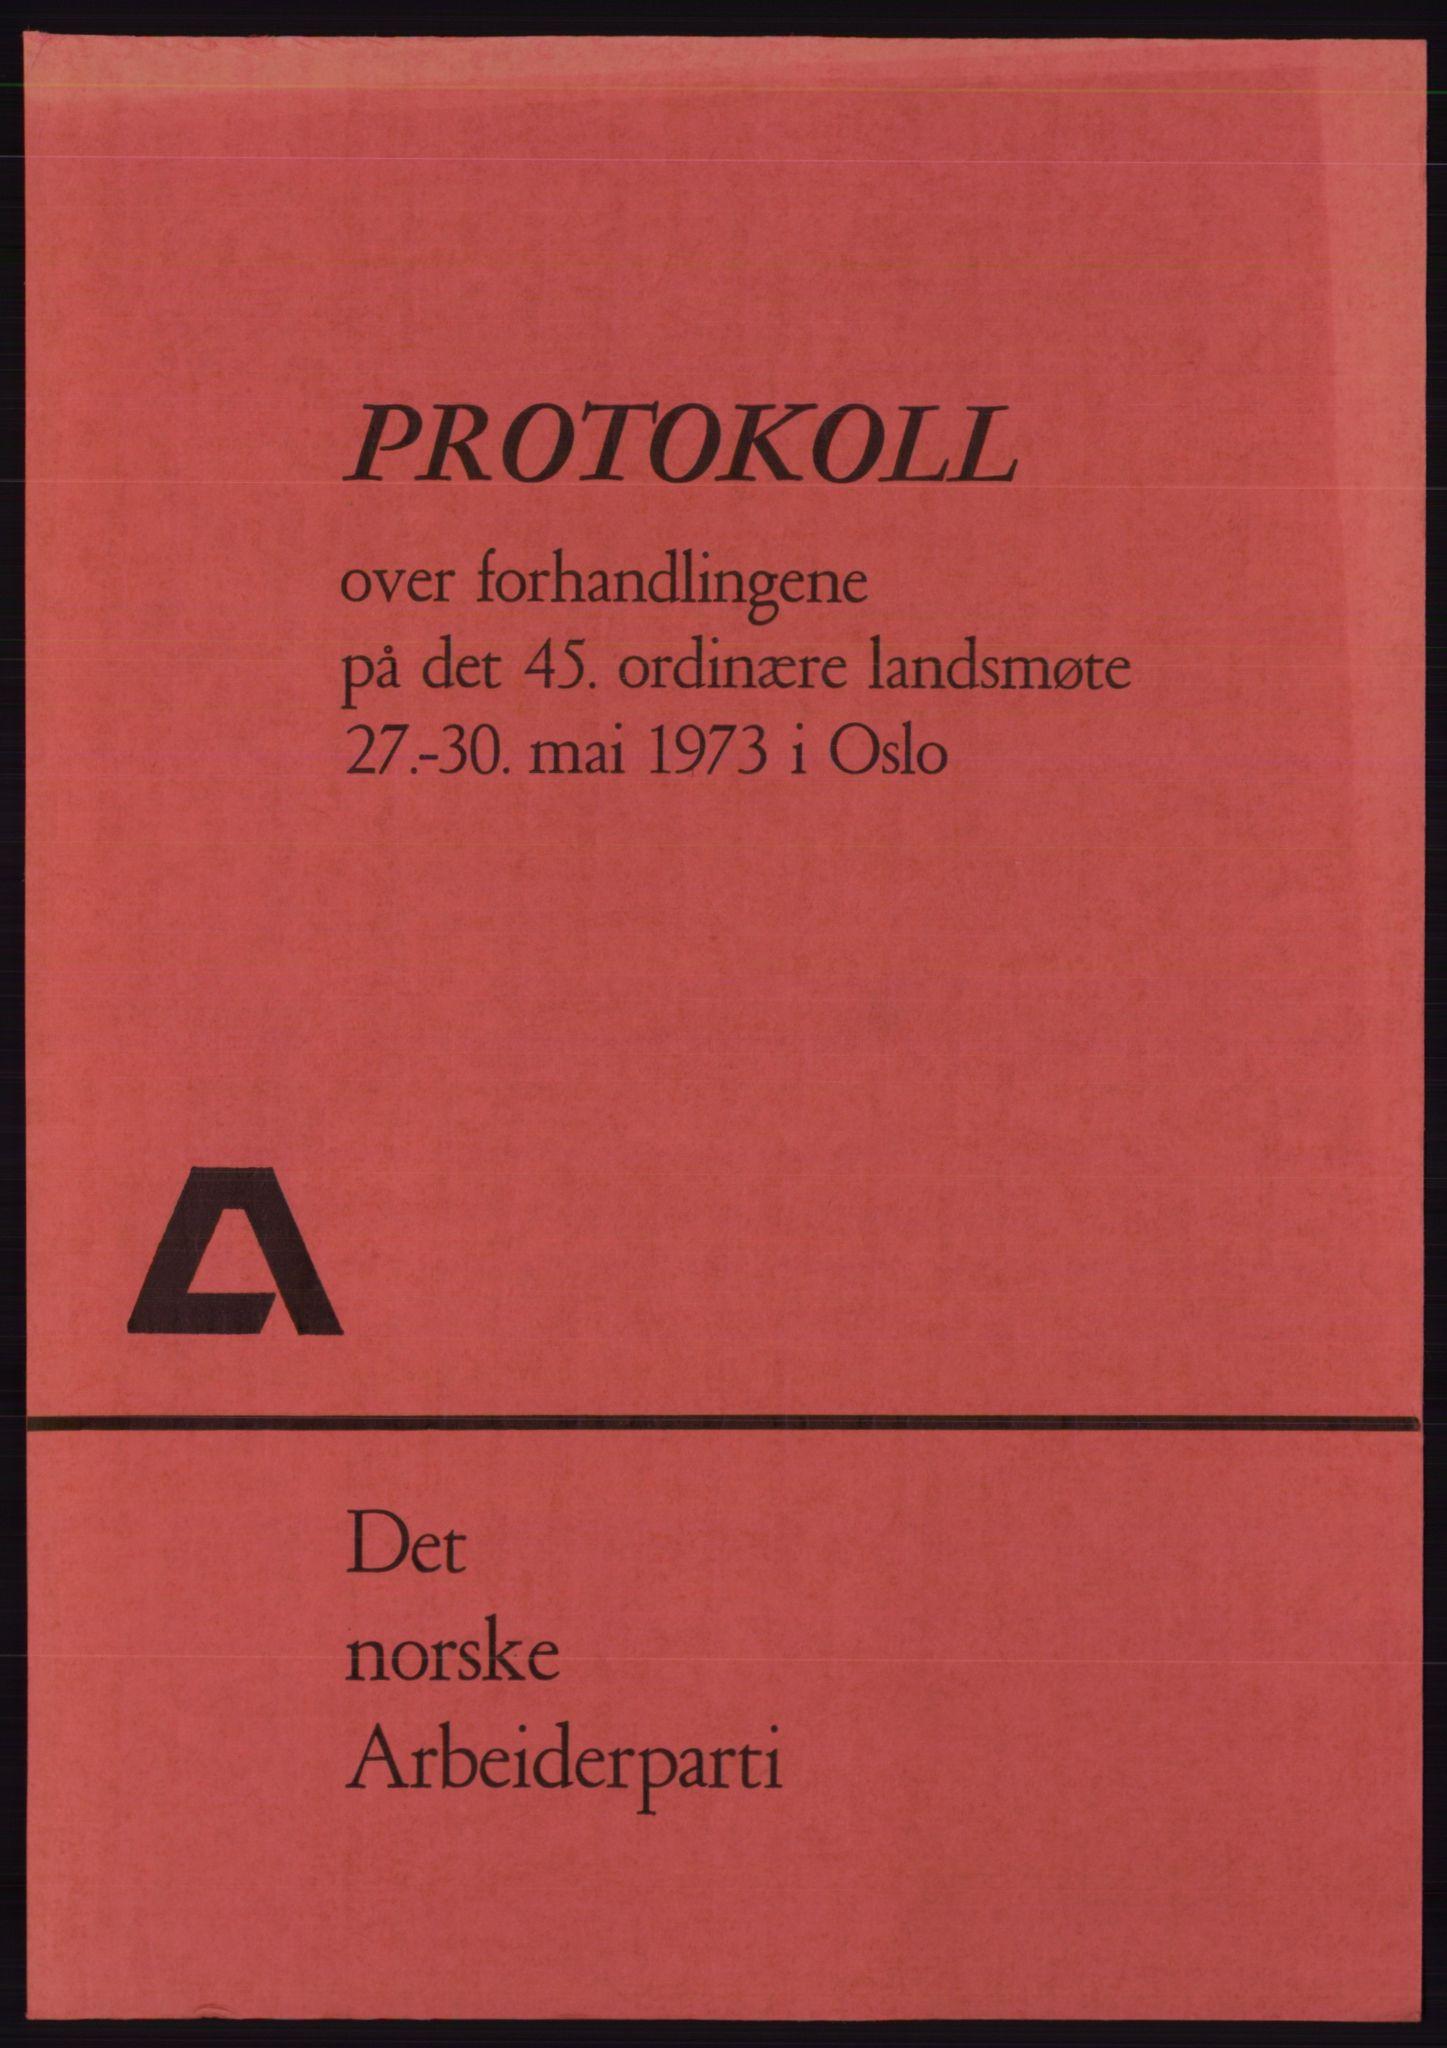 AAB, Det norske Arbeiderparti - publikasjoner, -/-: Protokoll over forhandlingene på det 45. ordinære landsmøte 27.-30. mai 1973 i Oslo, 1973